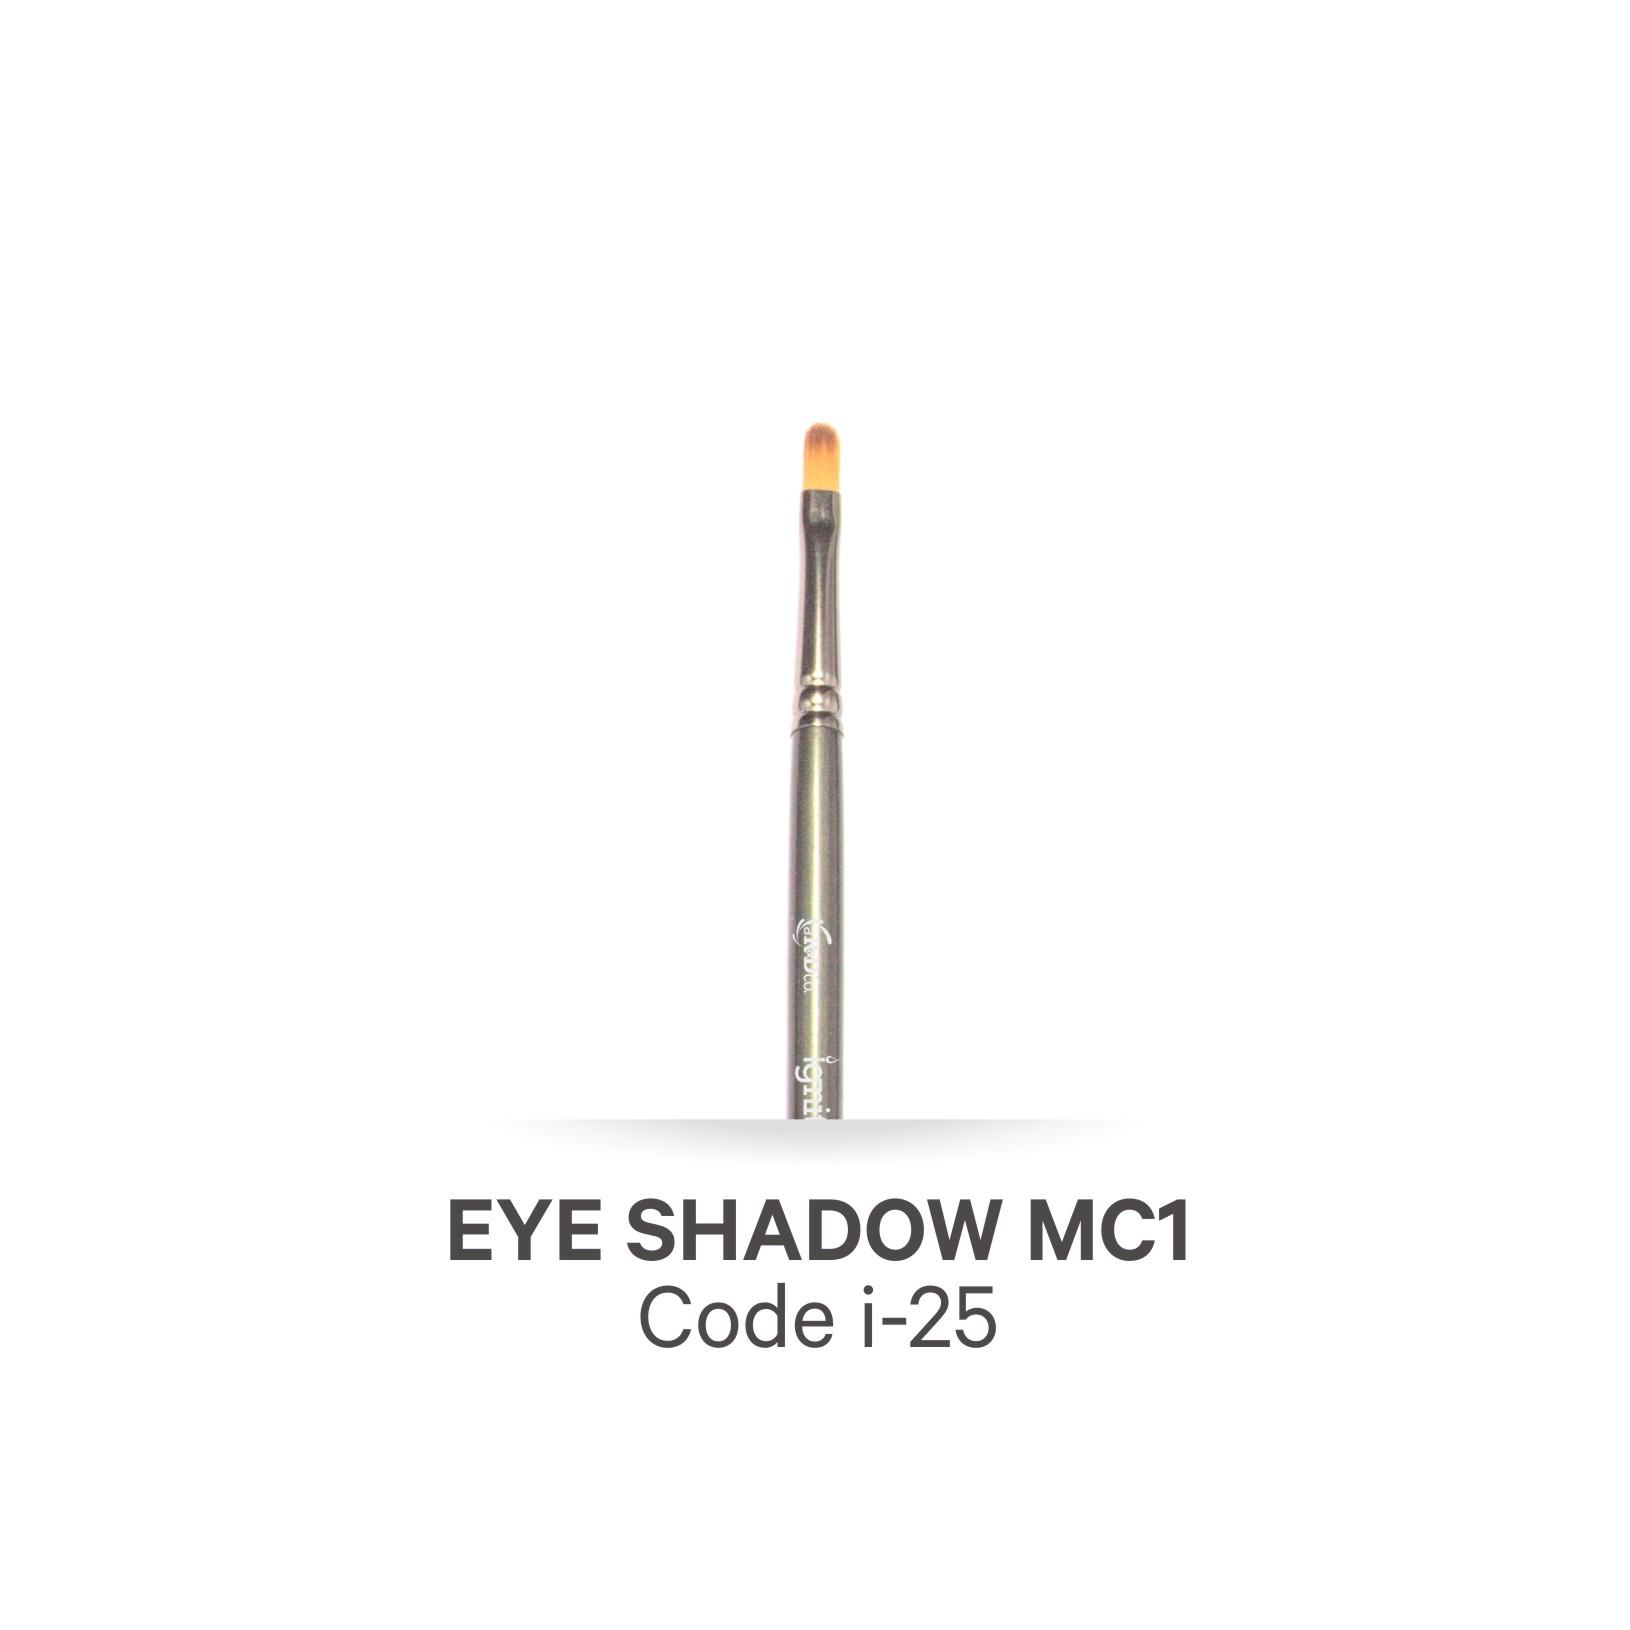 EYE SHADOW MC1